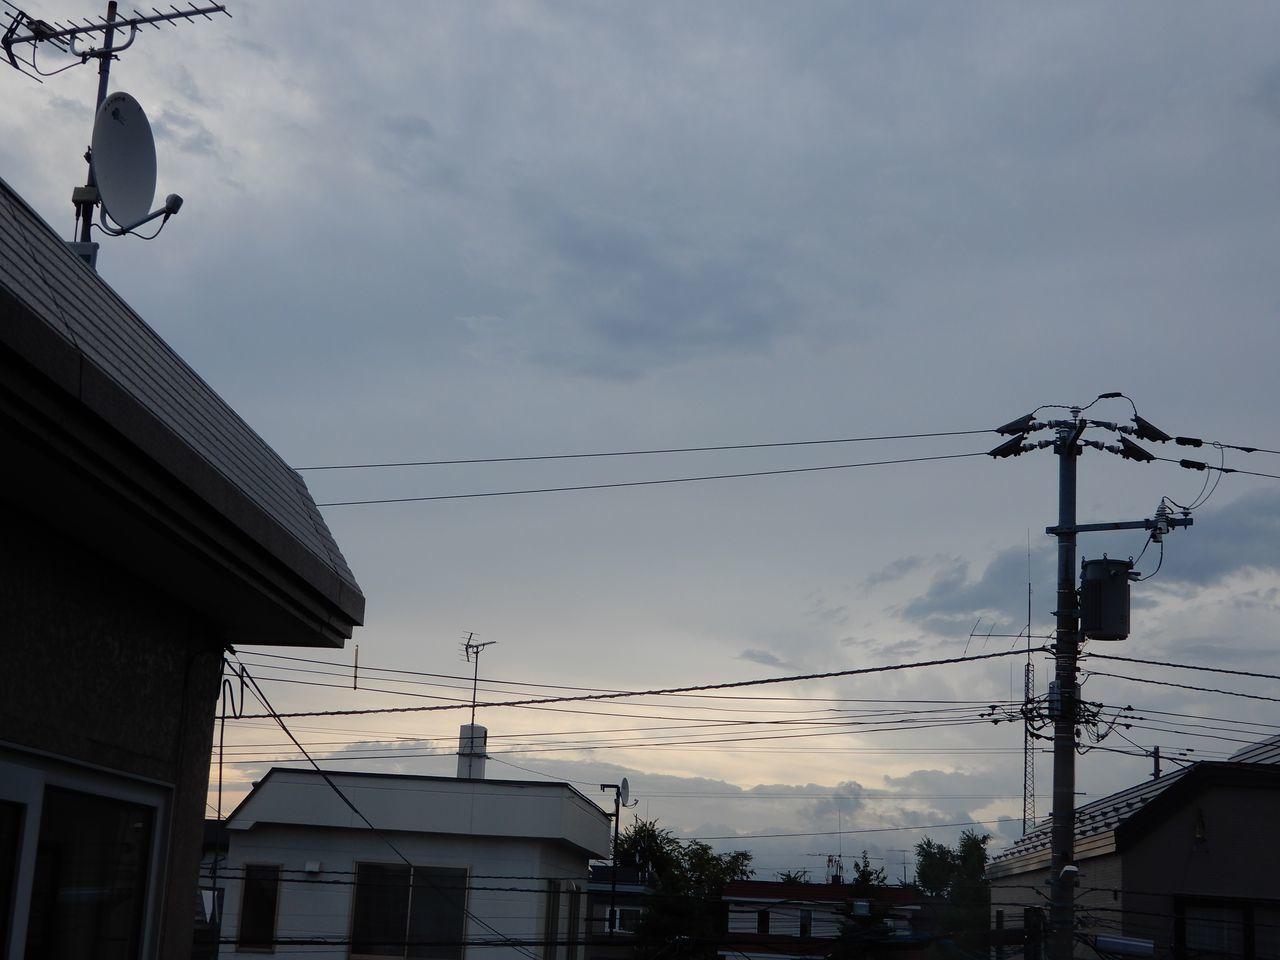 夏の終りの小さな嵐_c0025115_21435487.jpg